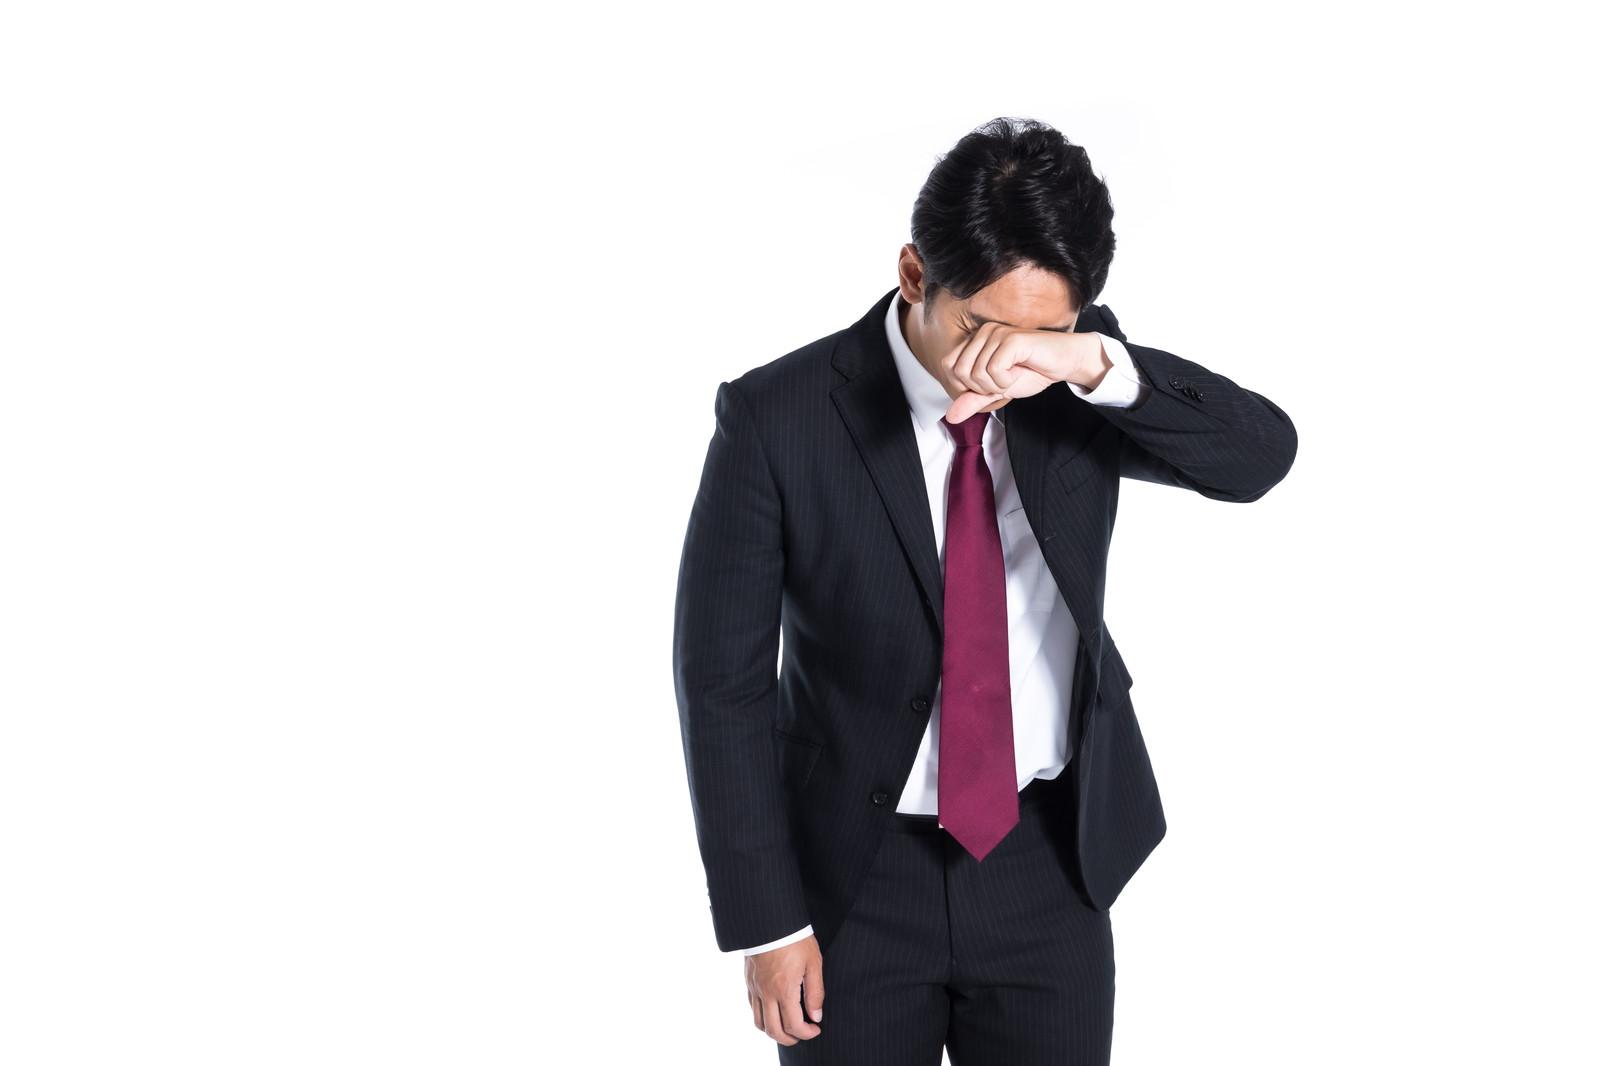 履歴書や職務経歴書の詐称は罰せられる?知らないと損する転職の常識!の画像2